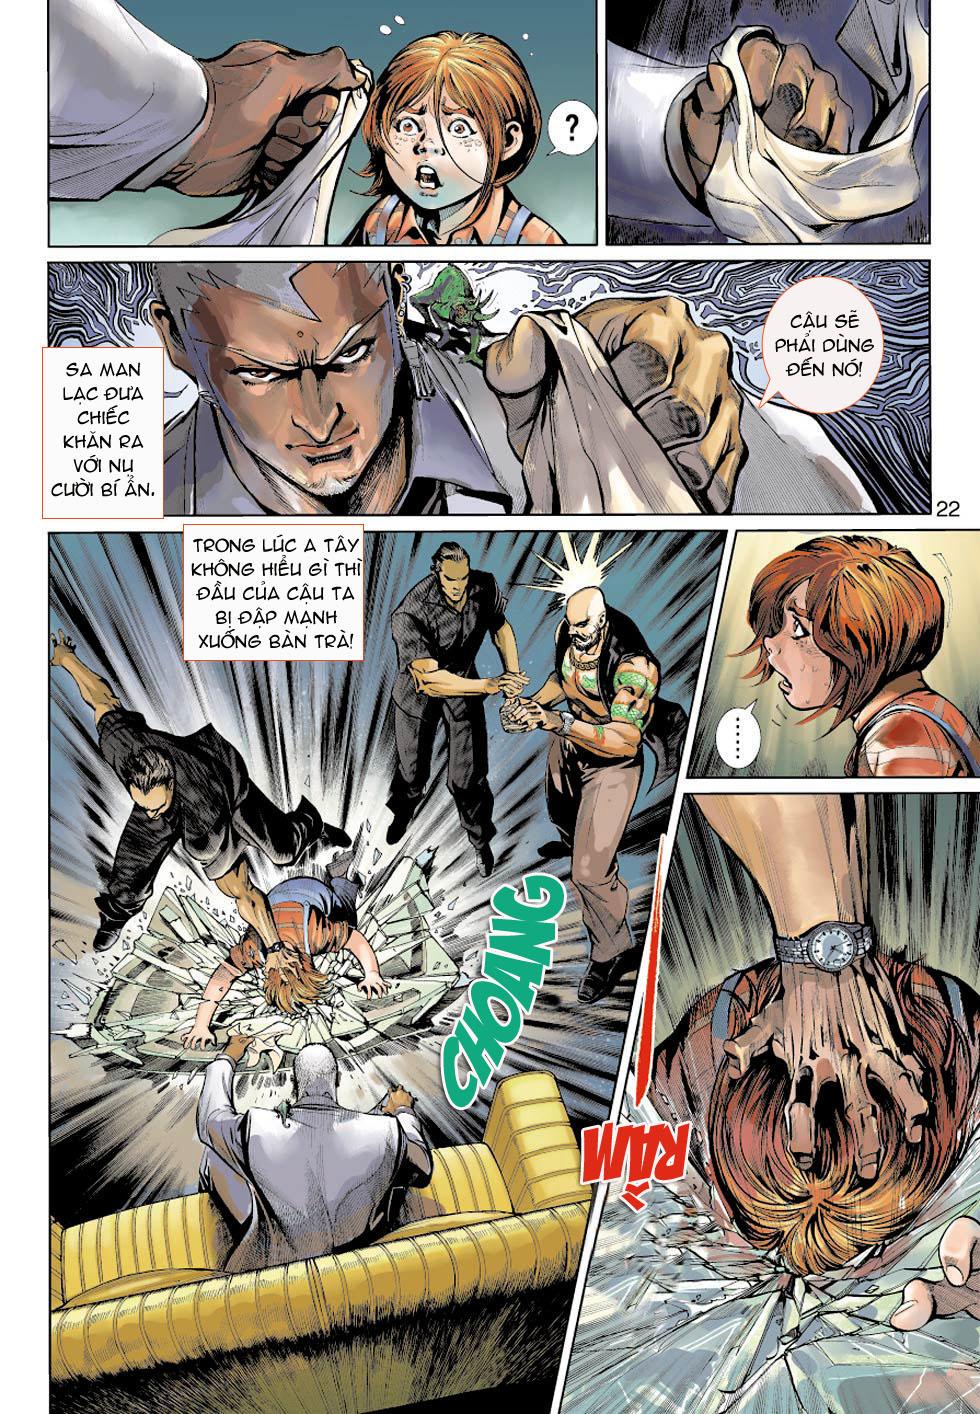 Thần Binh 4 chap 5 - Trang 22